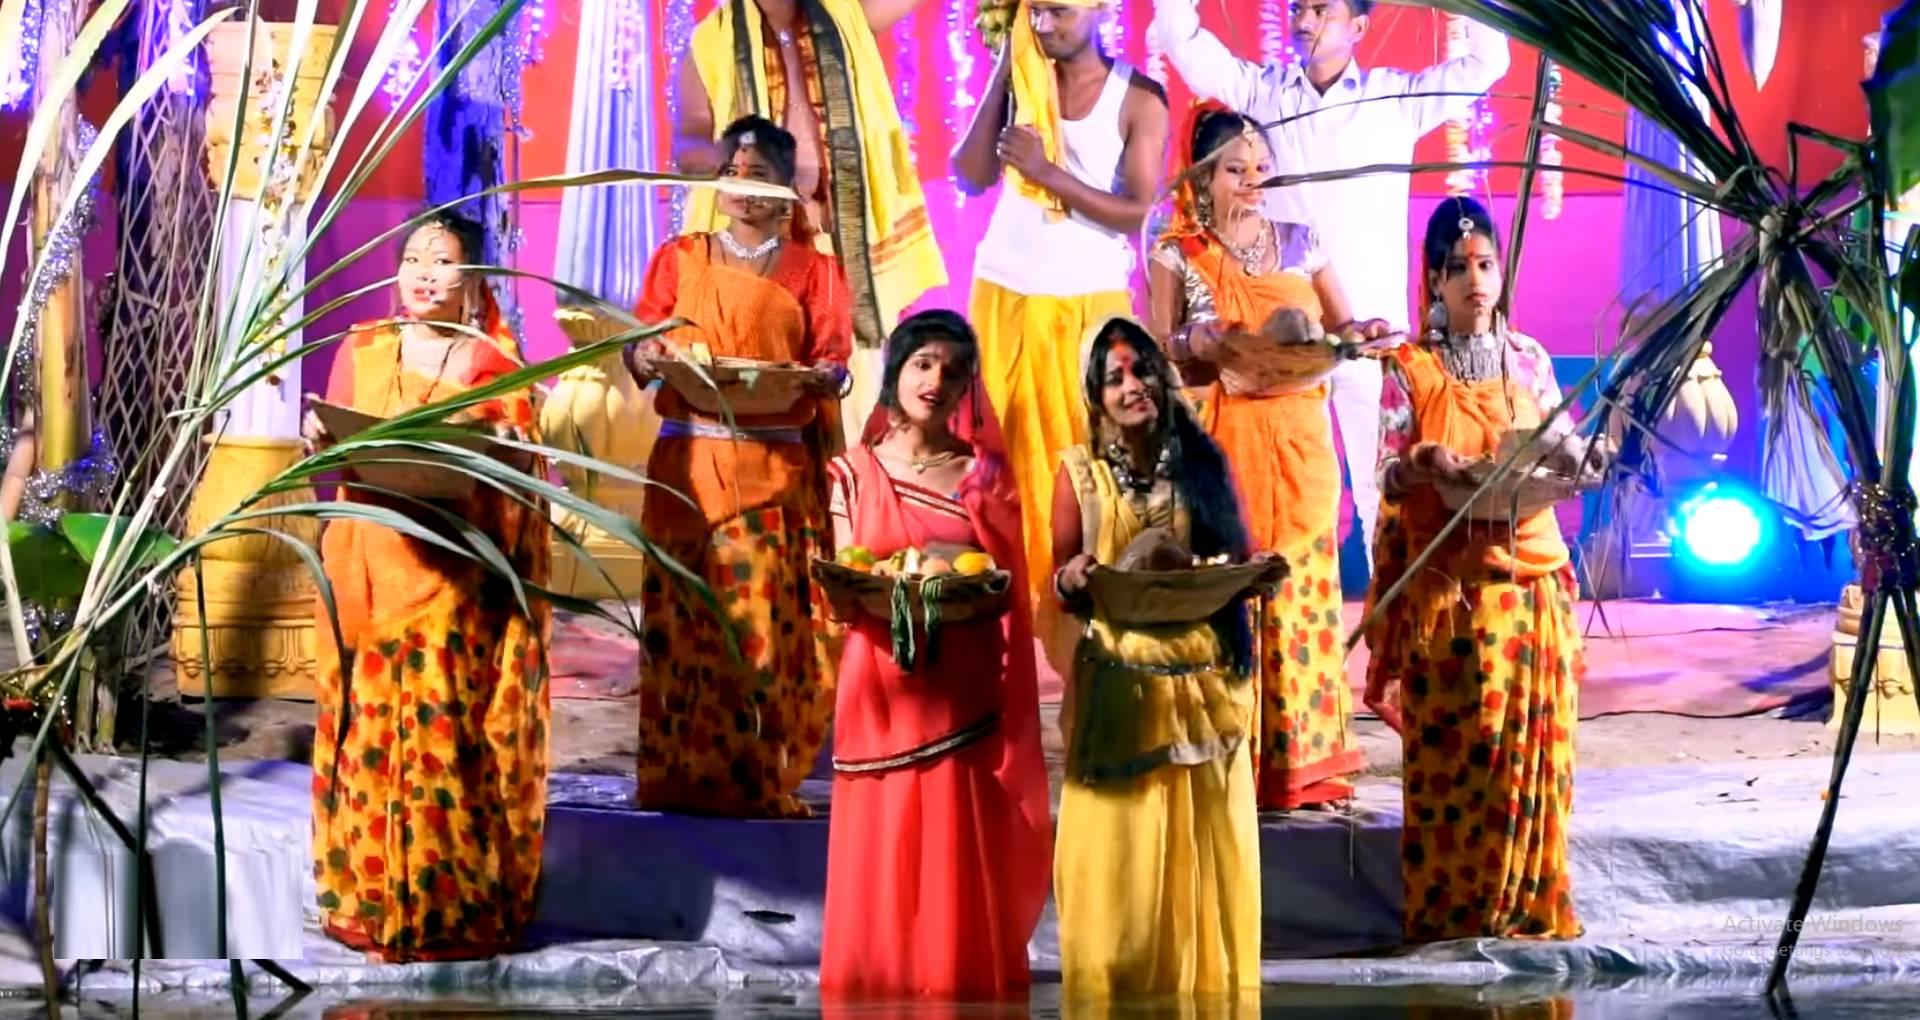 Chhath Puja 2019 Geet: भोजपुरी सिंगर अंजलि भारद्वाज का नया छठ गीत लॉन्च, देखिए ये भक्तिमय गाना